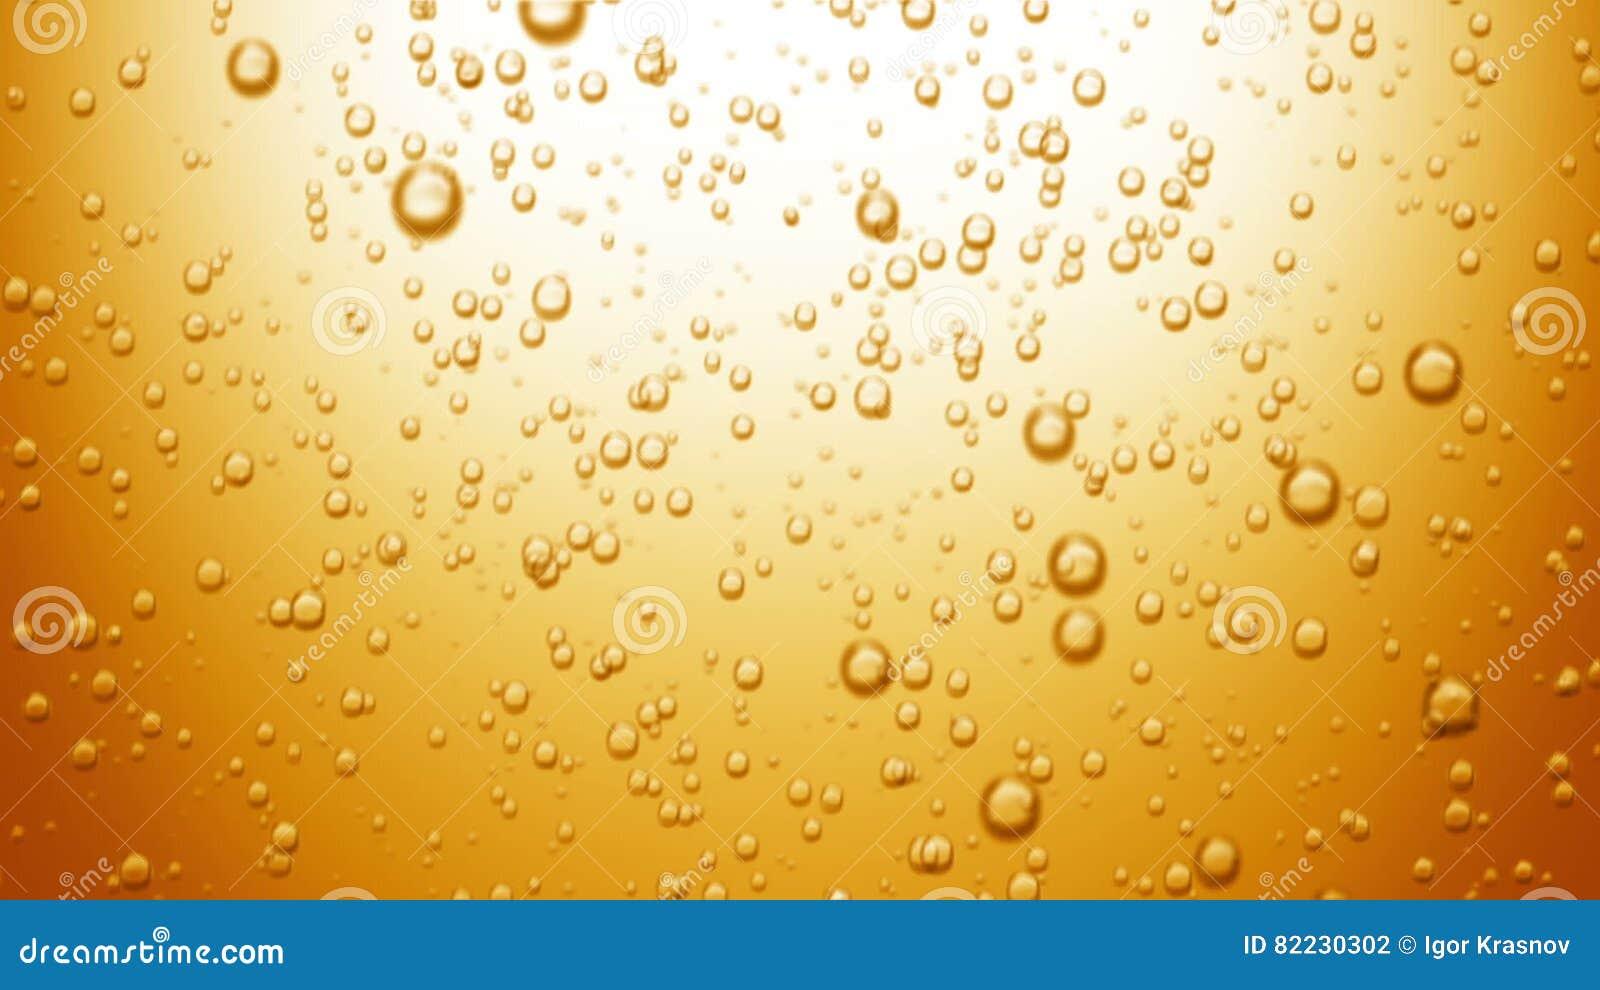 Fondo amarillo claro metraje stock 3488 fondo amarillo claro burbujas hermosas de la cerveza que se alzan animacin de loopable 3d del agua chispeante en thecheapjerseys Images